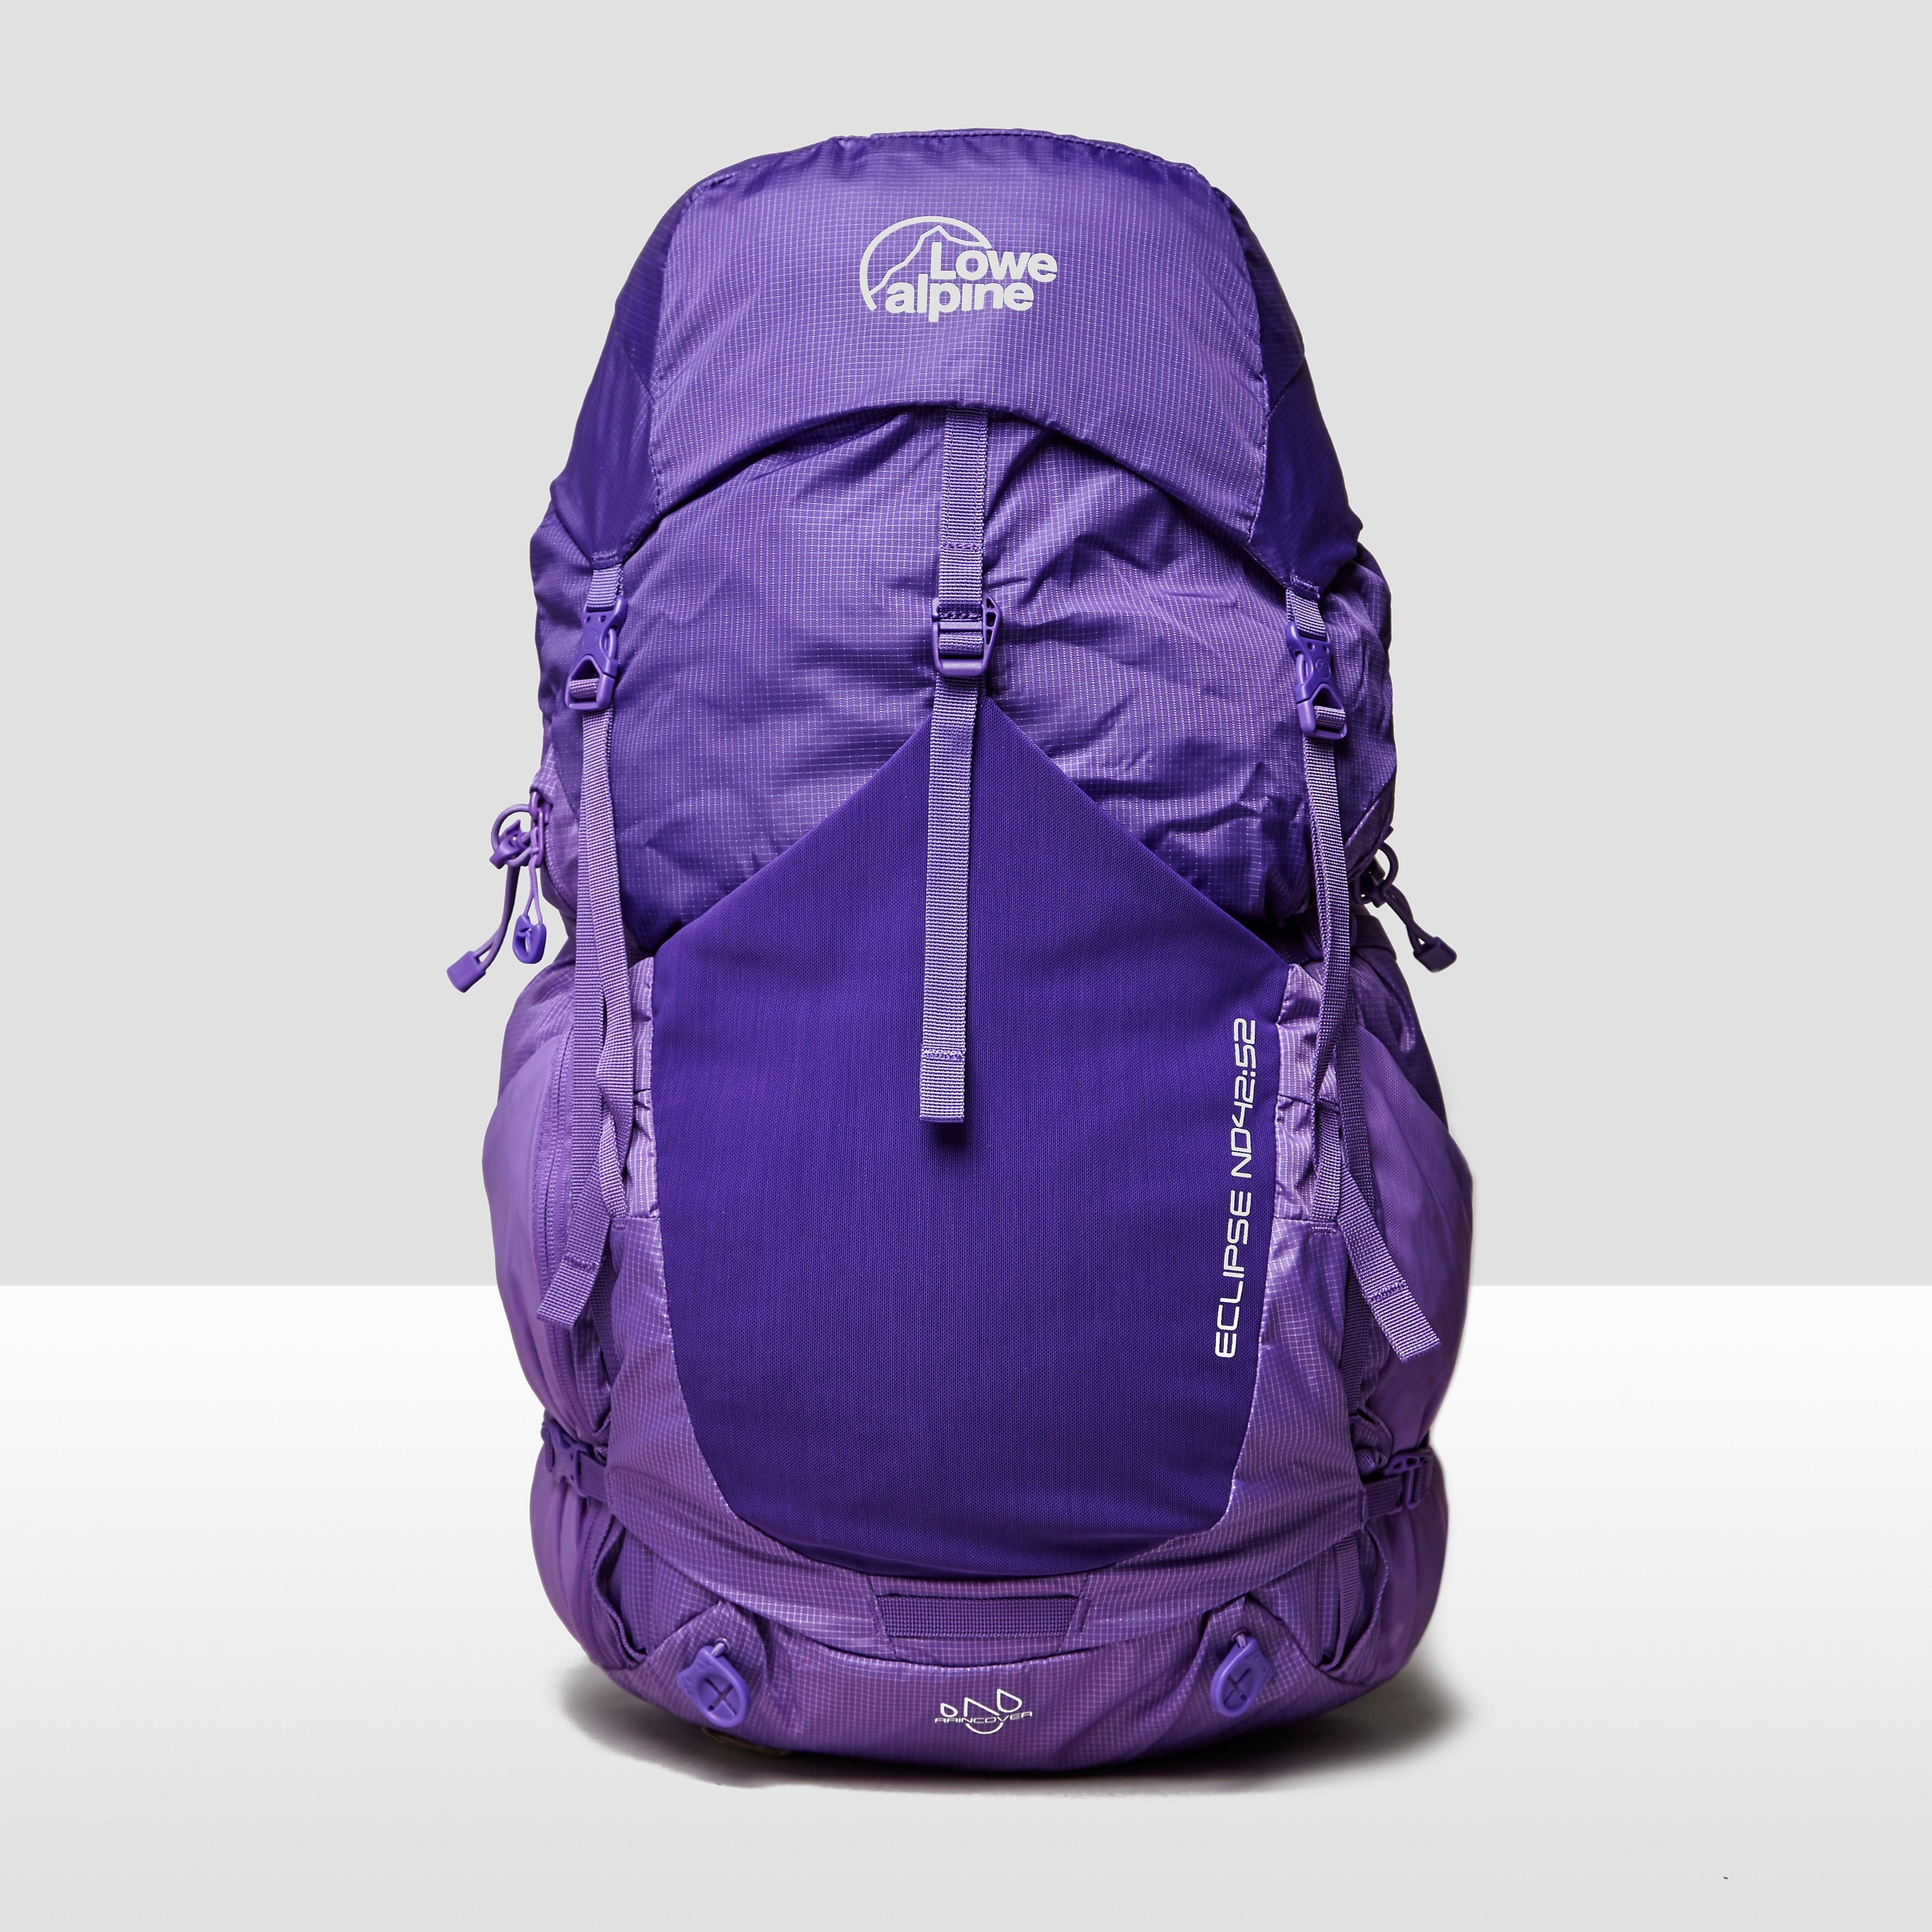 Lowe Alpine Eclipse ND42:52 Women's Backpack